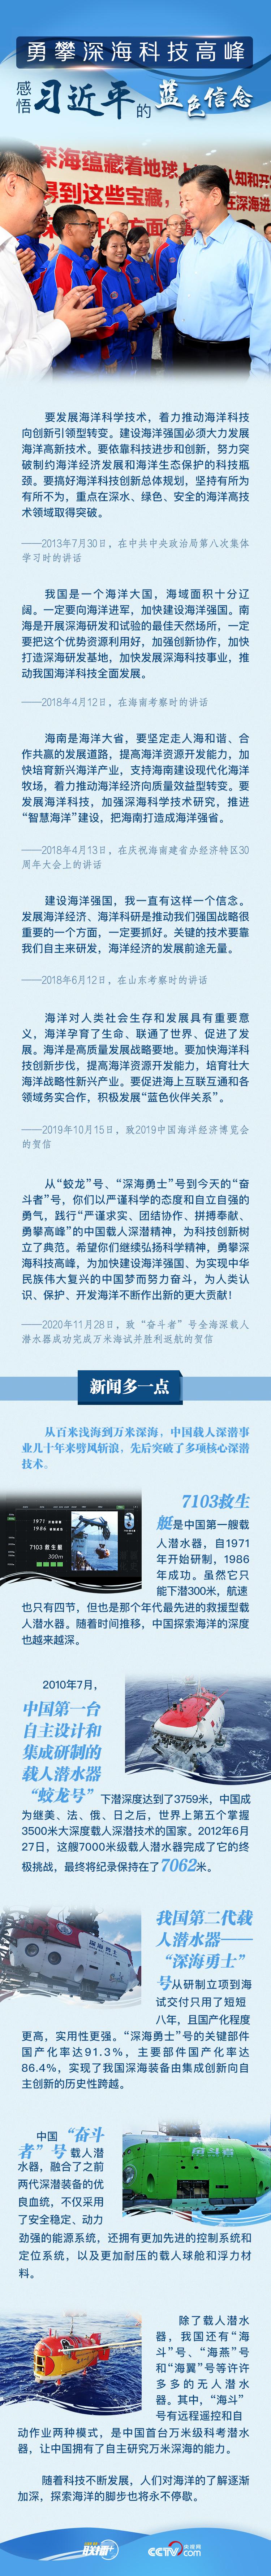 """联播+丨勇攀深海科技高峰 感悟习近平的""""蓝色信念"""""""